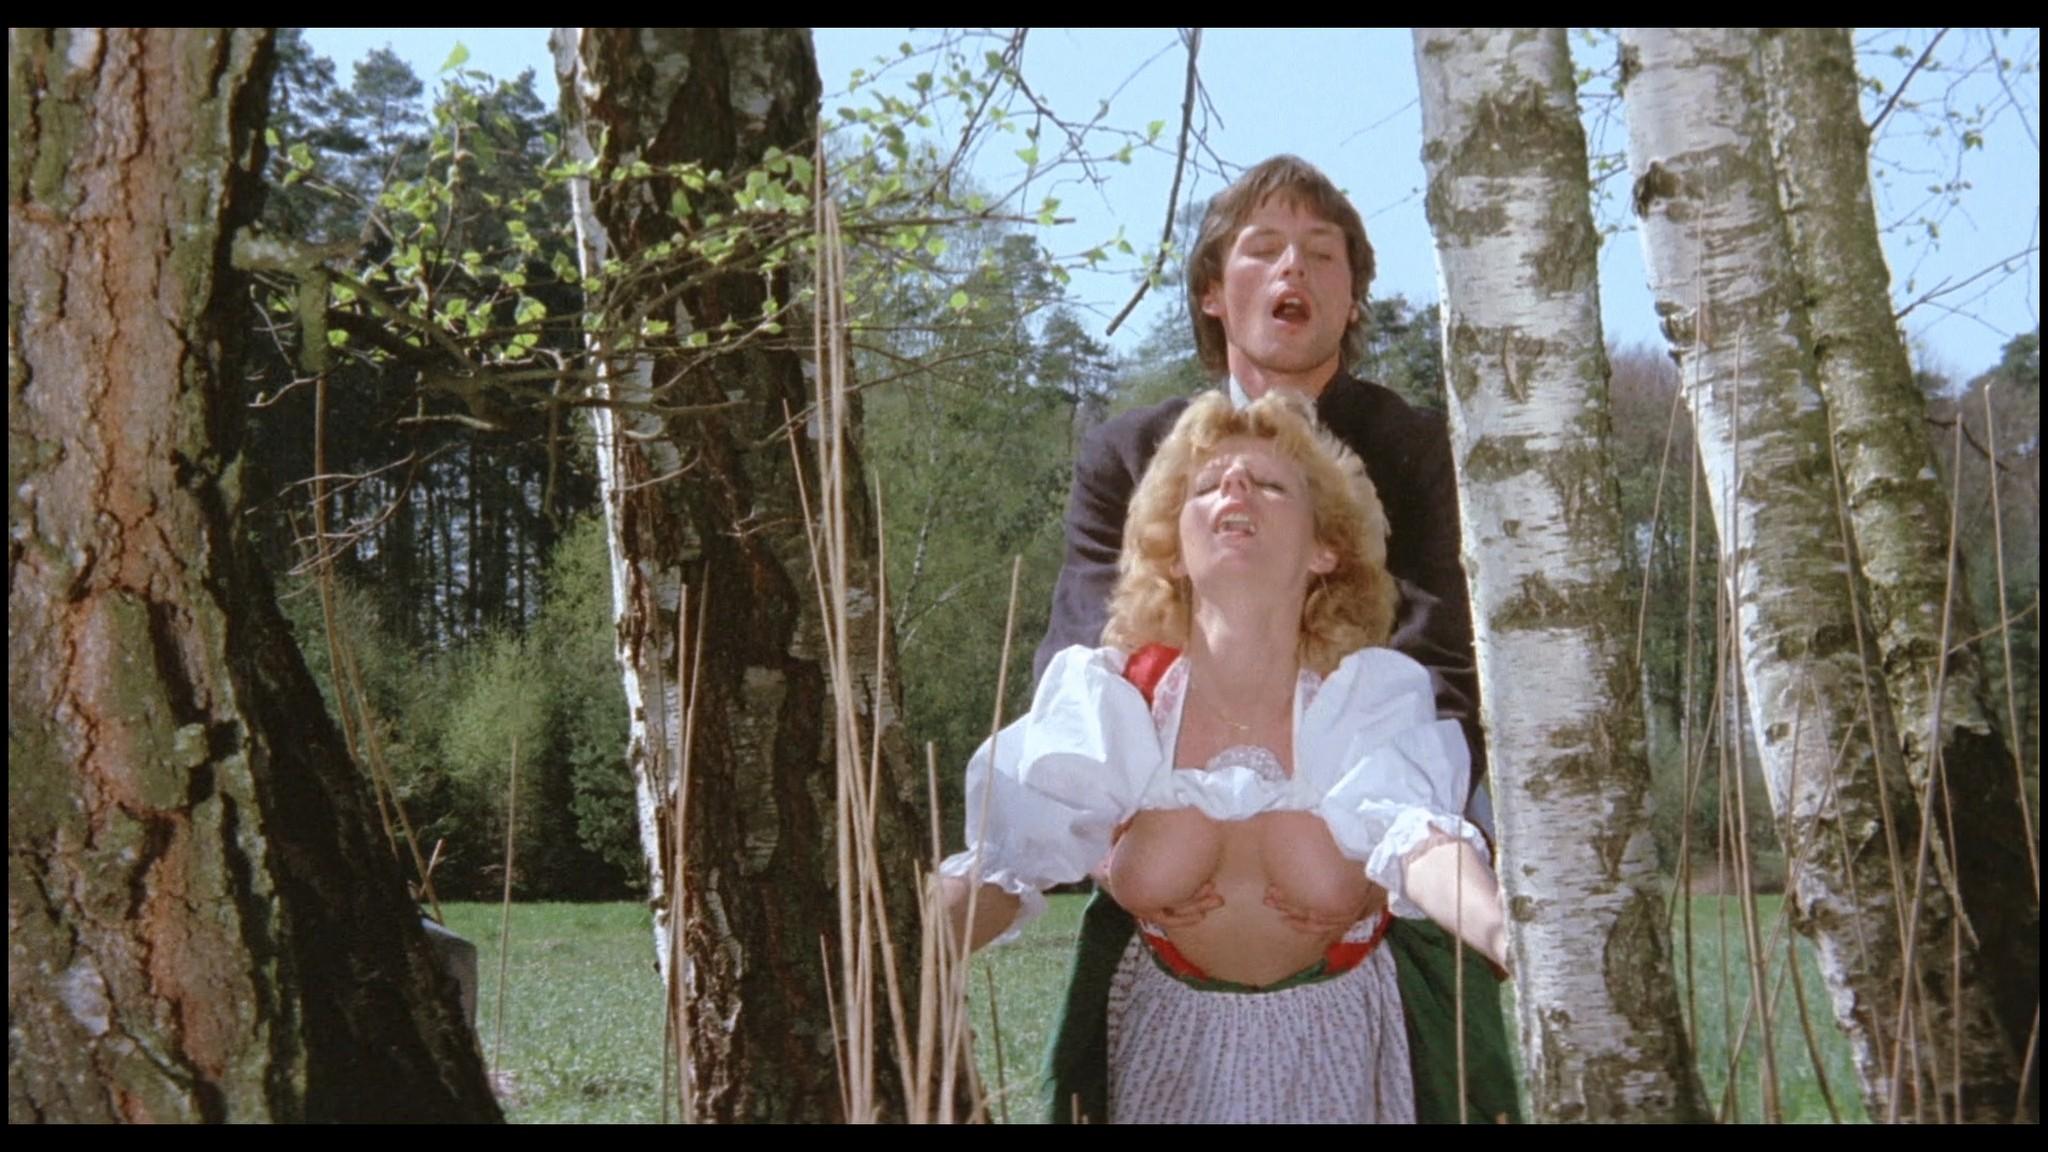 Marianne Aubert Michaela Larsen etc nude explicit sex Sechs Schwedinnen auf der Alm 1983 1080p BluRay 17